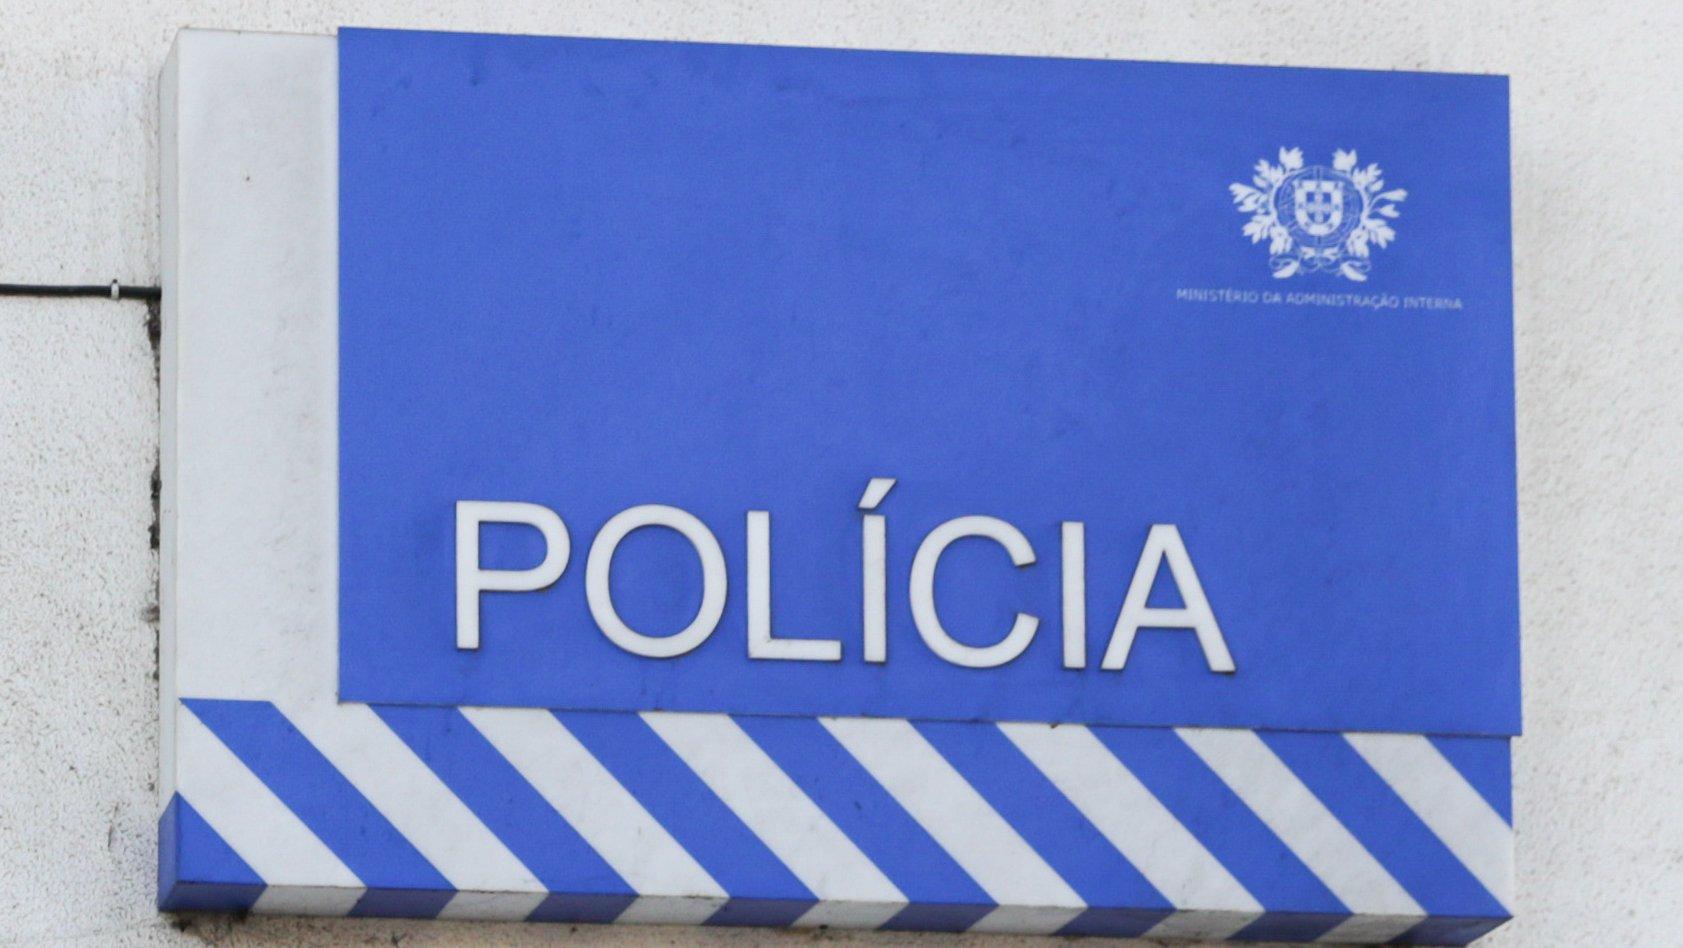 Comando Distrital da PSP em Santarém, 13 de janeiro de 2021. TIAGO PETINGA/LUSA